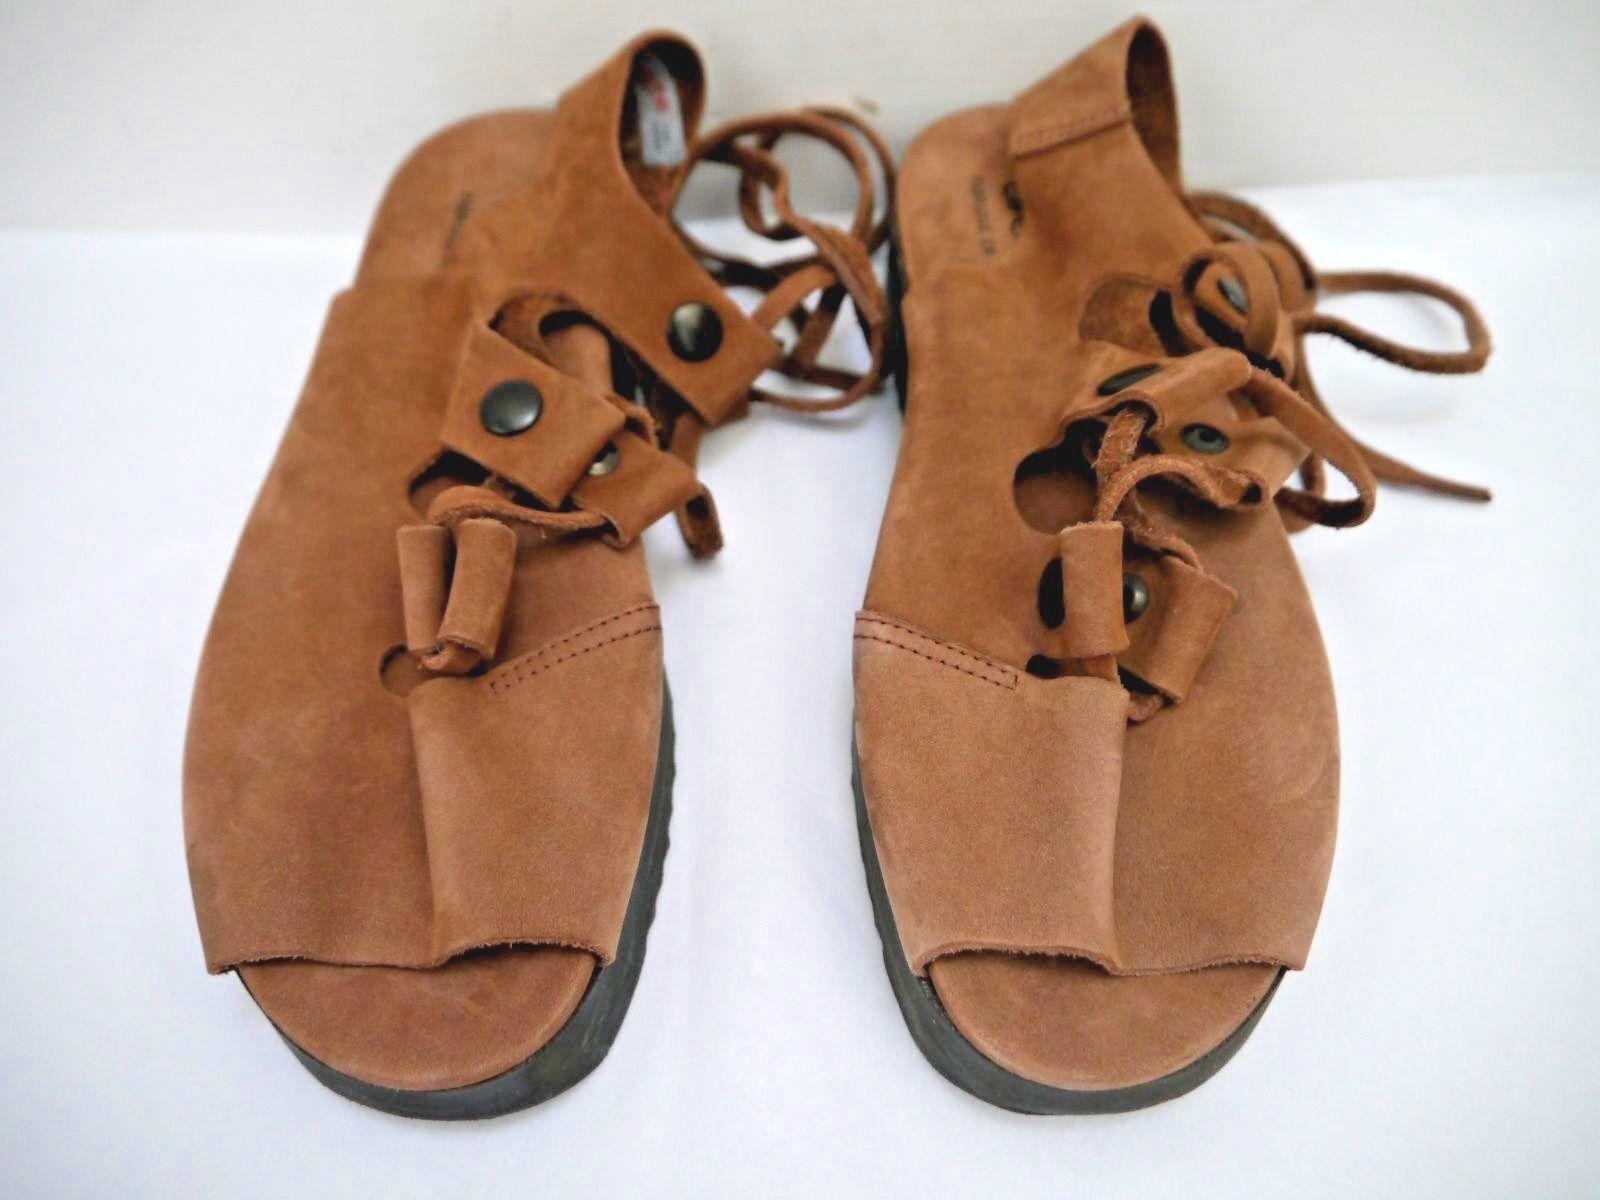 ARCHE brown nubuck pelle lace-up sandals size 37